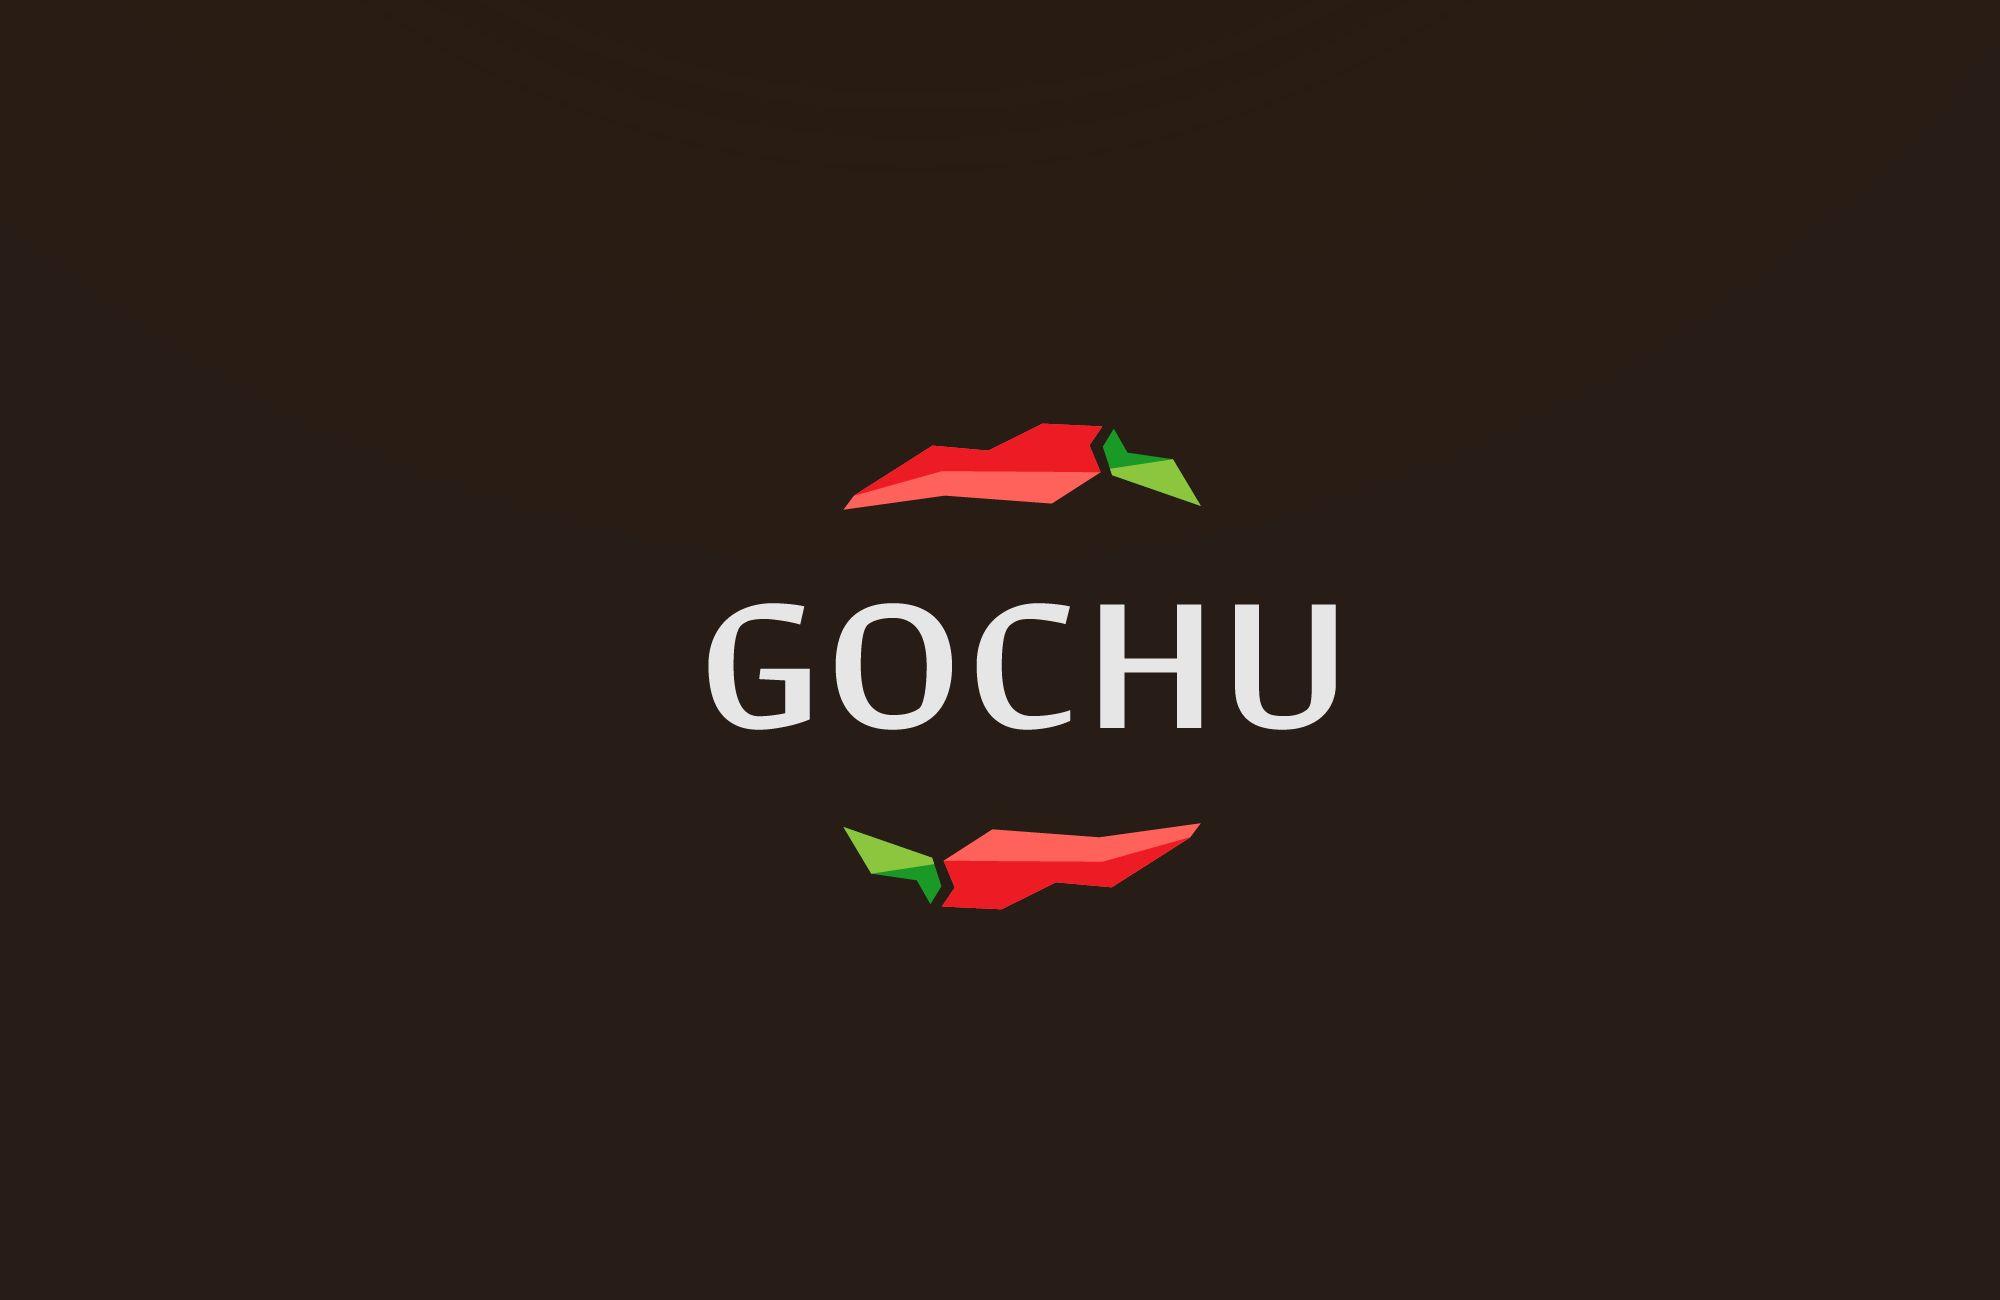 Логотип для торговой марки - дизайнер e5en